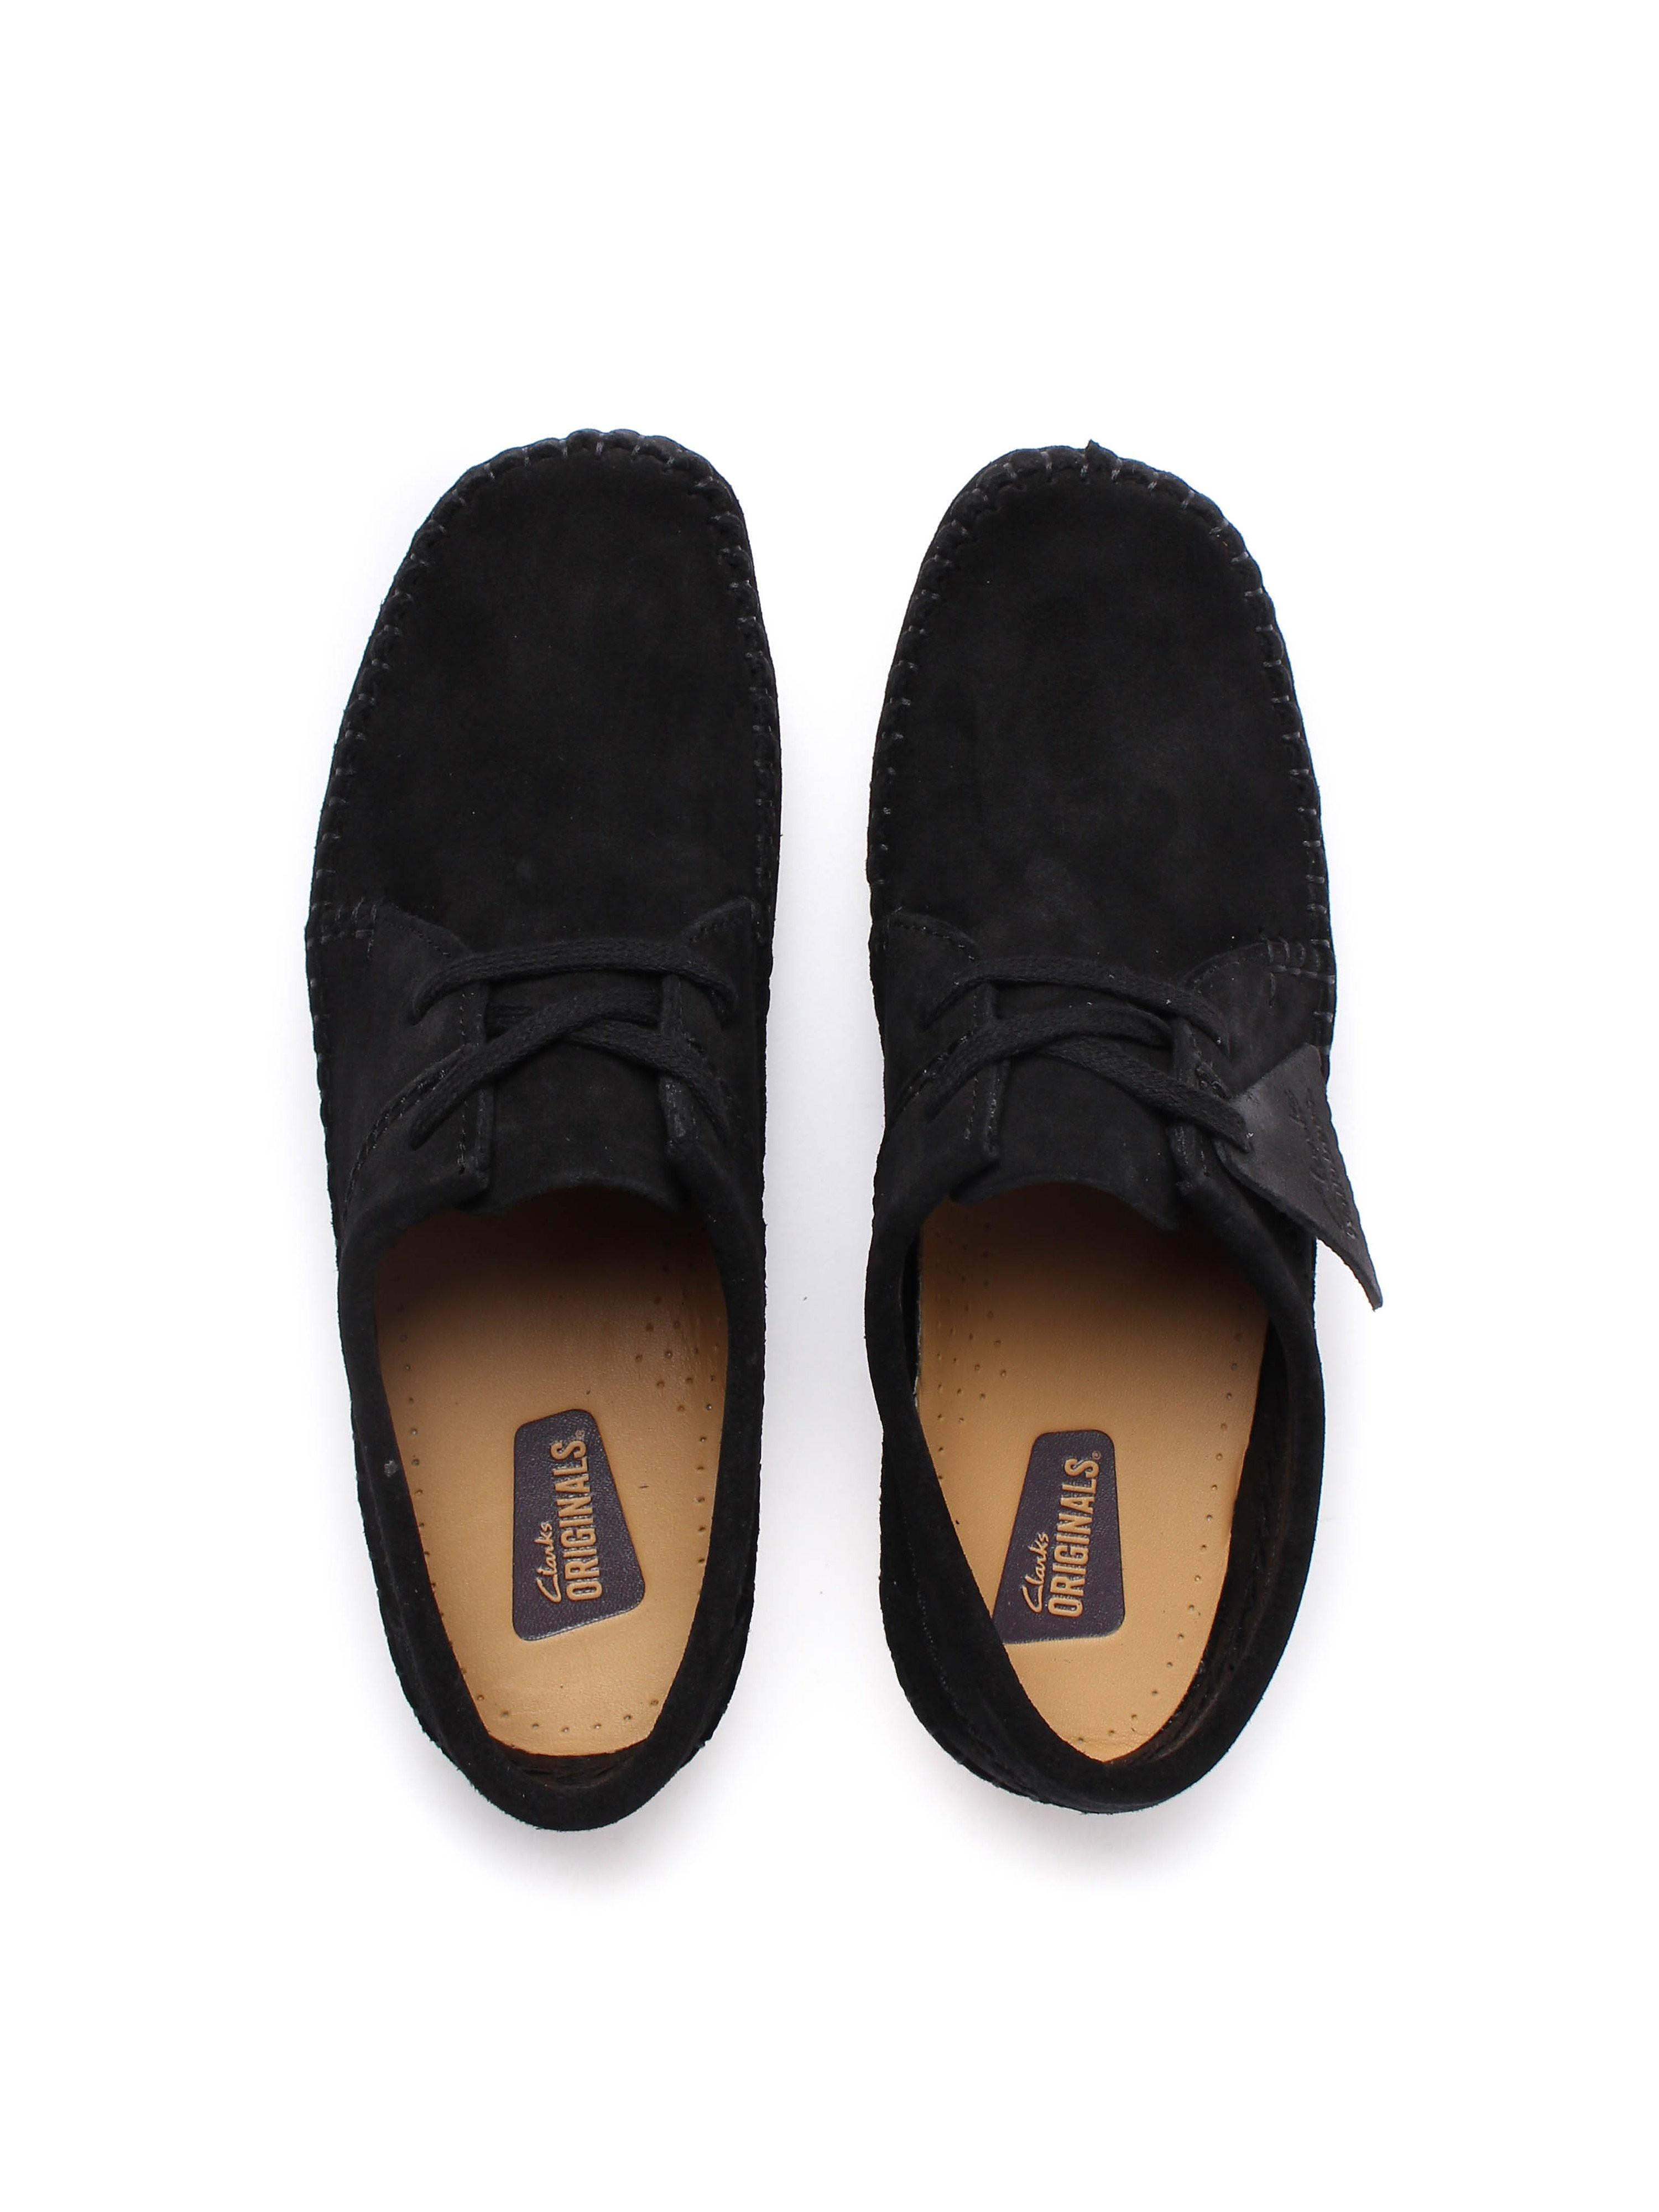 Clarks Originals Women's Weaver. Suede Lace-Up Shoes - Black